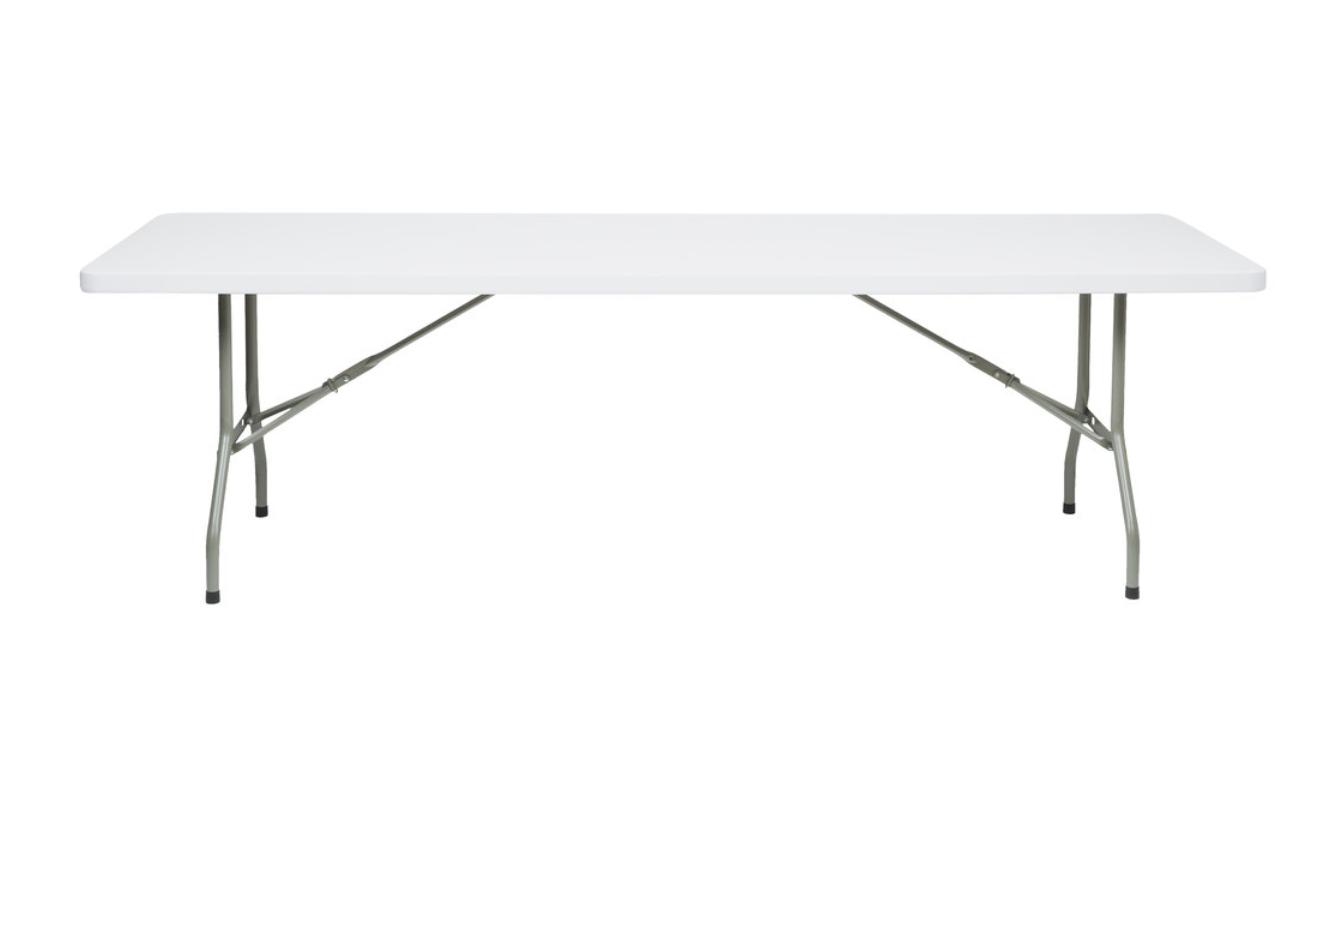 White Rectangular Tables